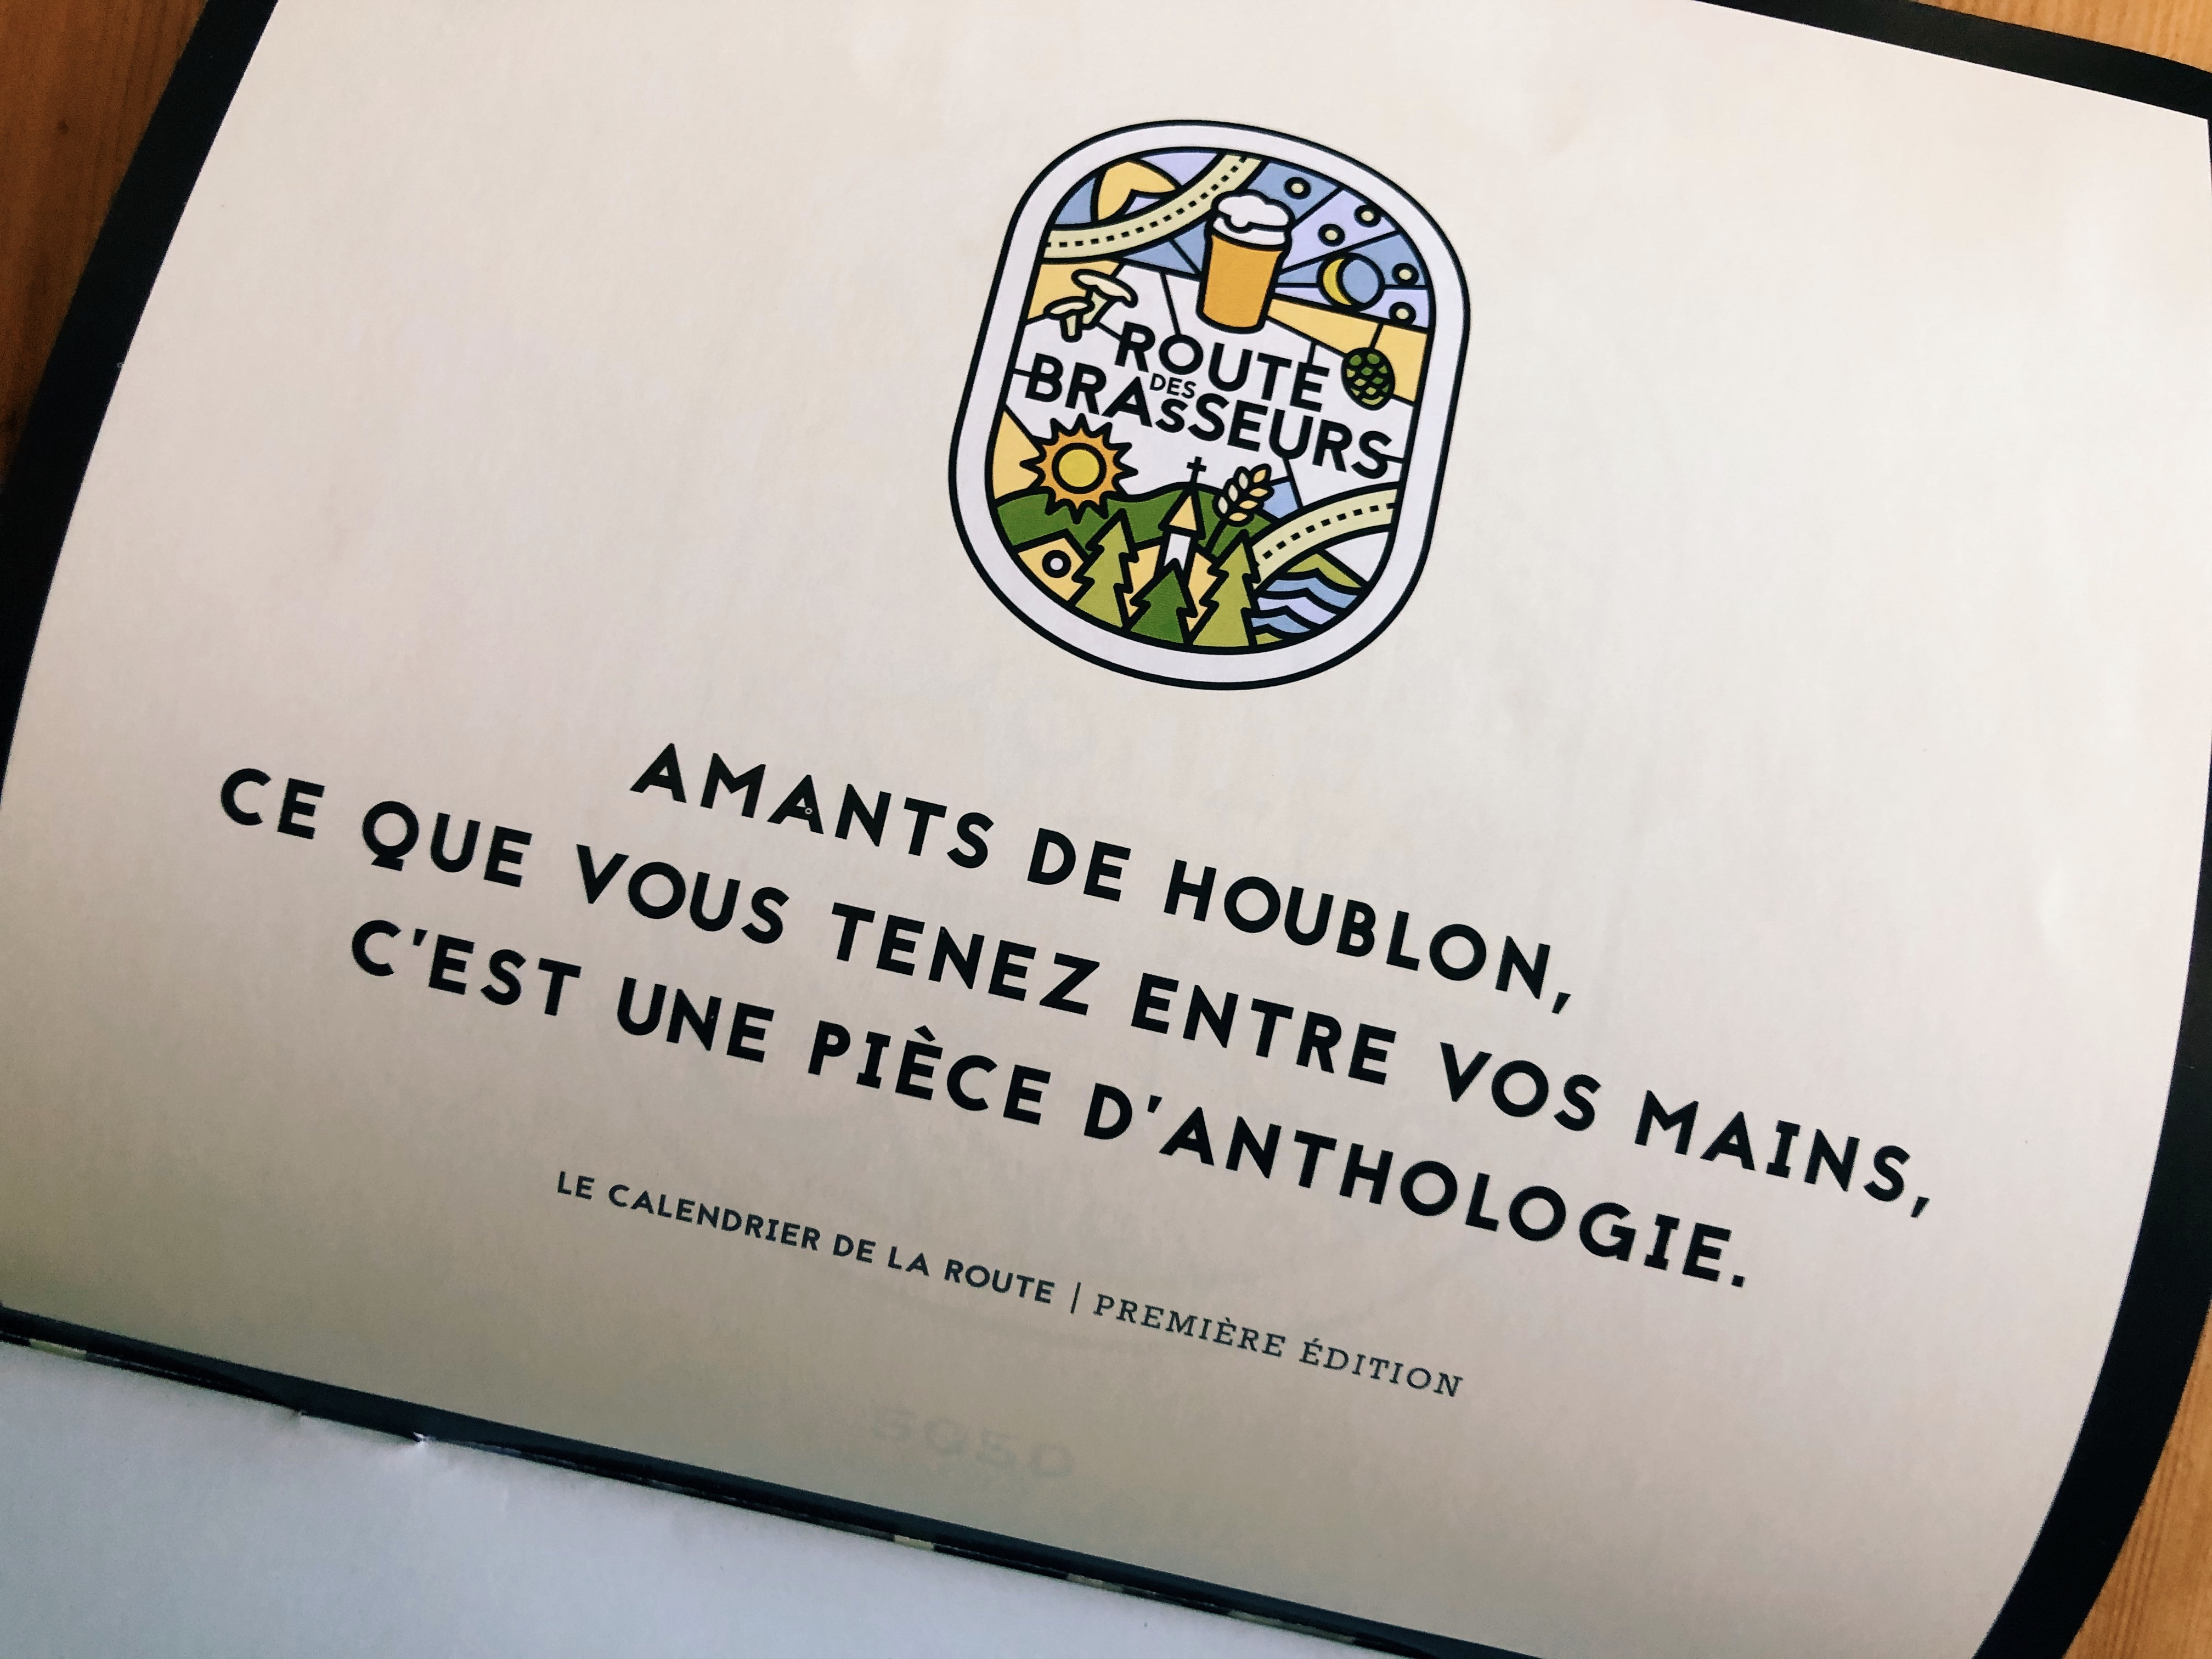 LIQUIDATION! Calendrier 2020 Route des Brasseurs